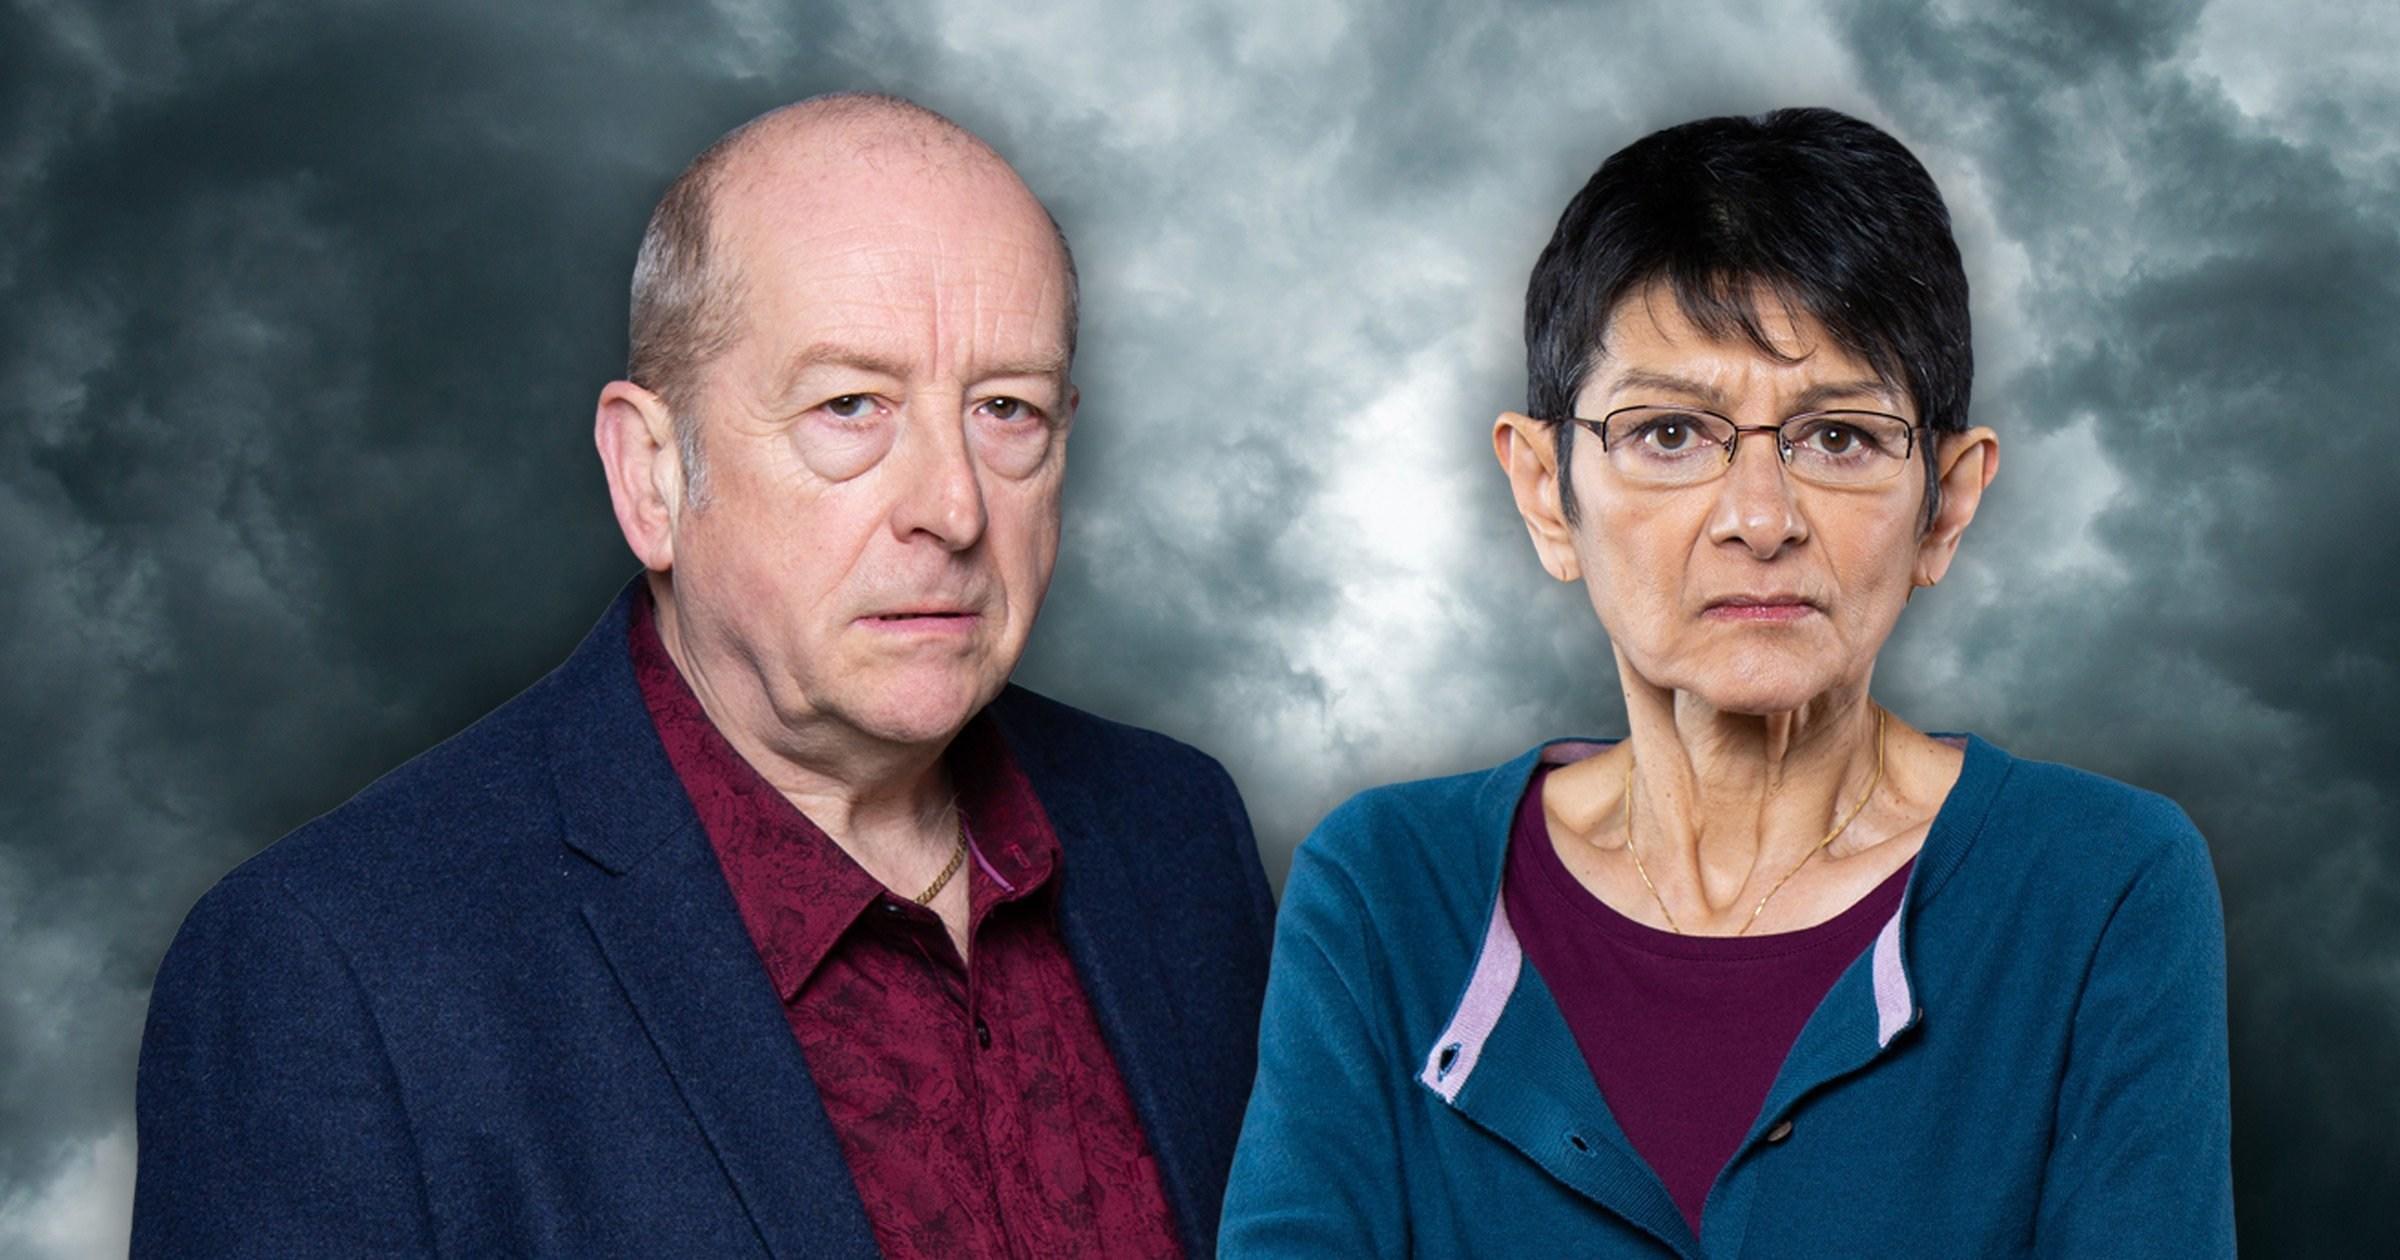 Why is Coronation Street running such dark storylines during coronavirus lockdown?